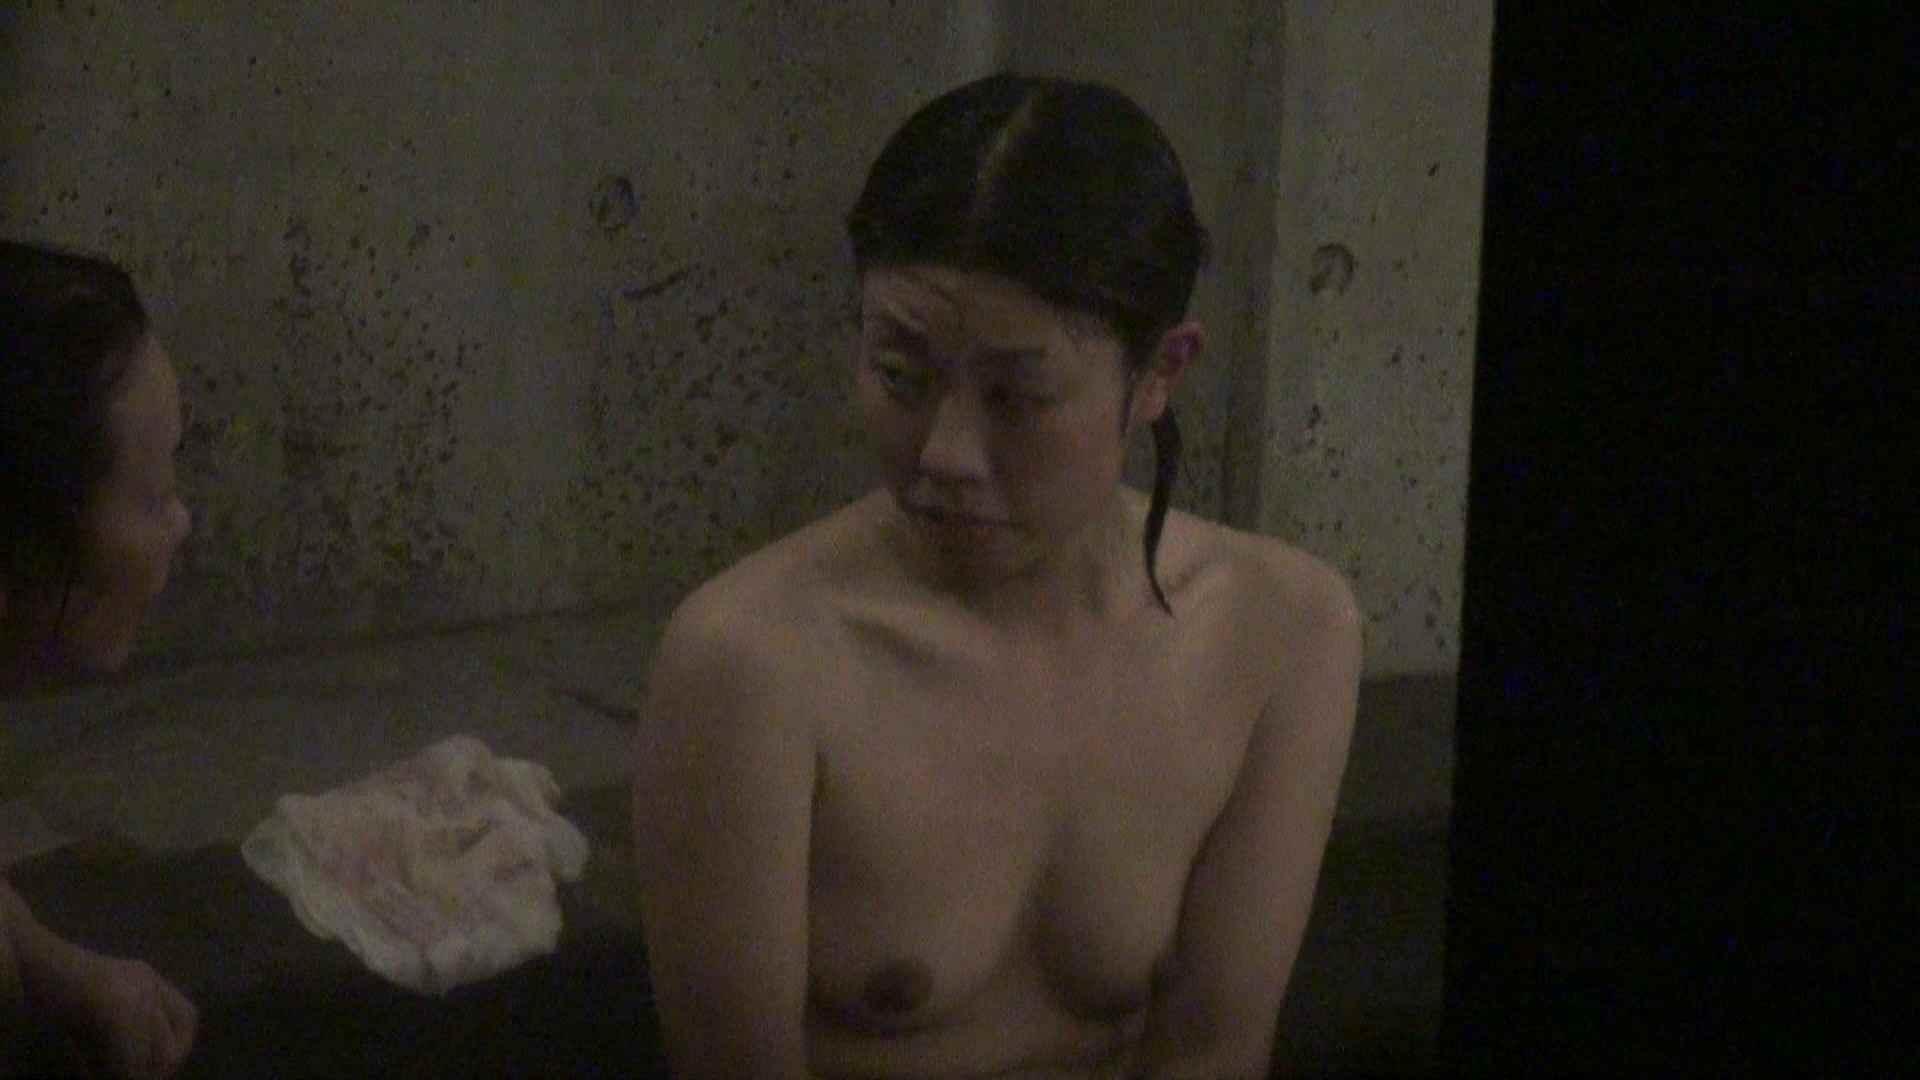 Aquaな露天風呂Vol.330 盗撮  106画像 21